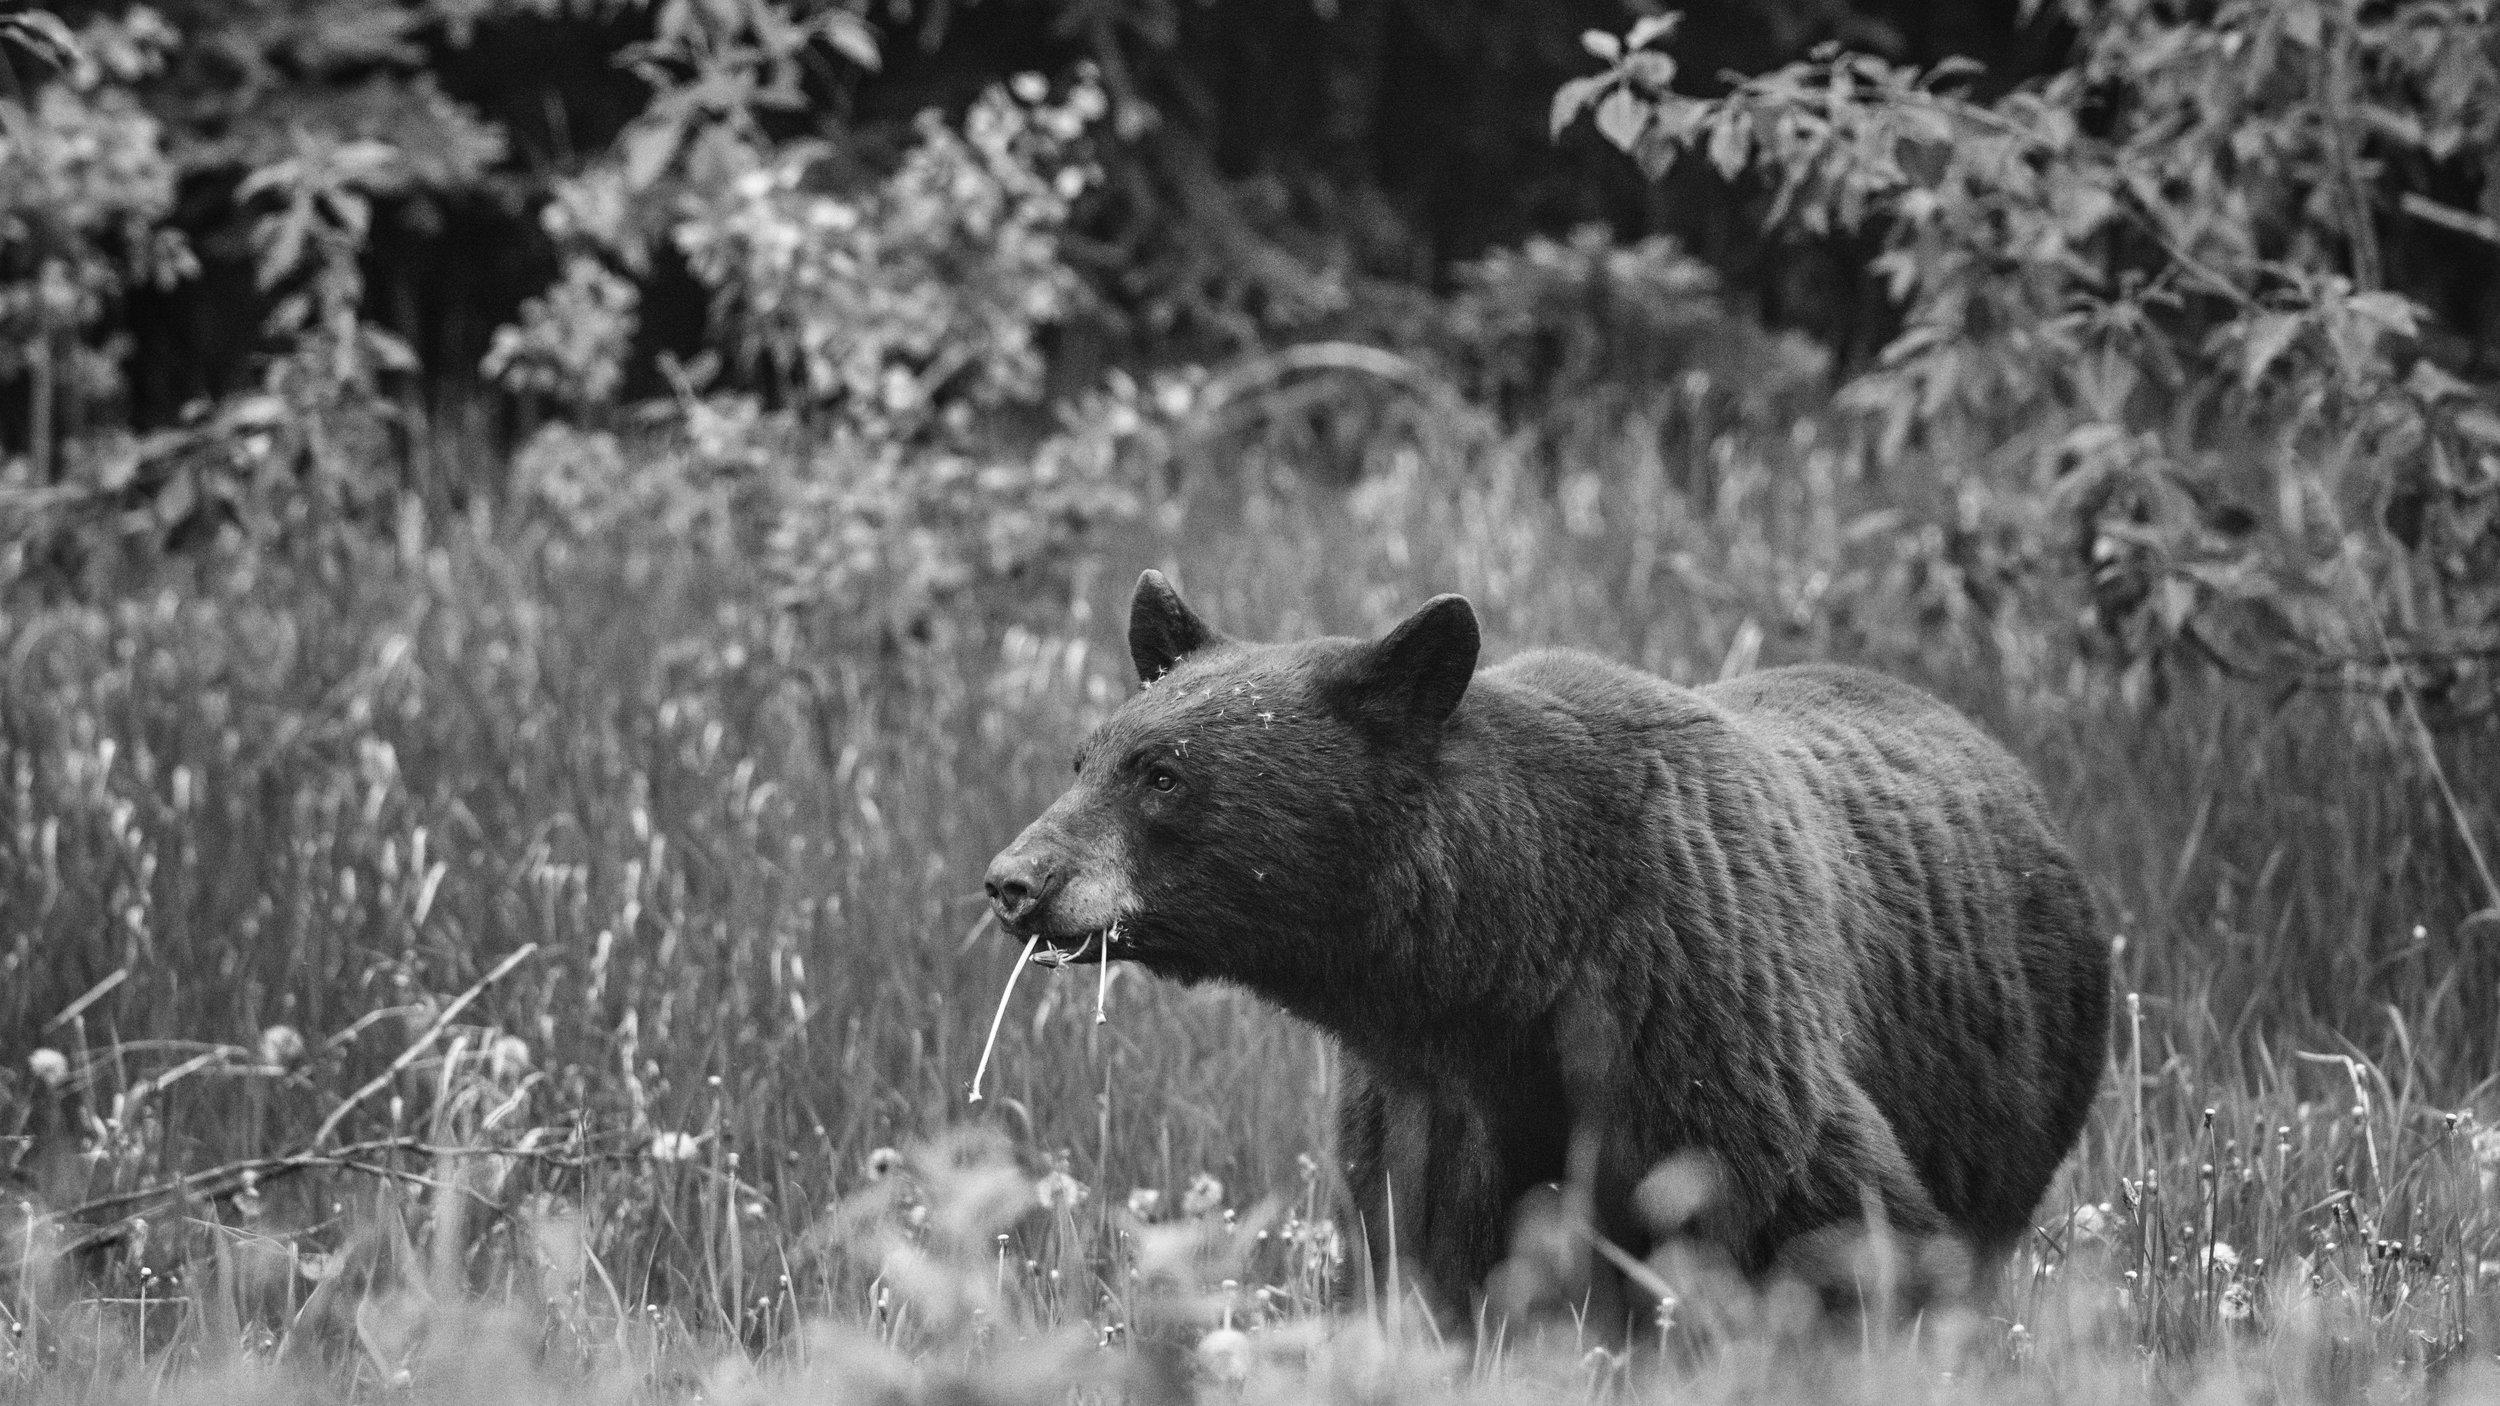 Black Bear Feeding on Dandelions, Jasper National Park